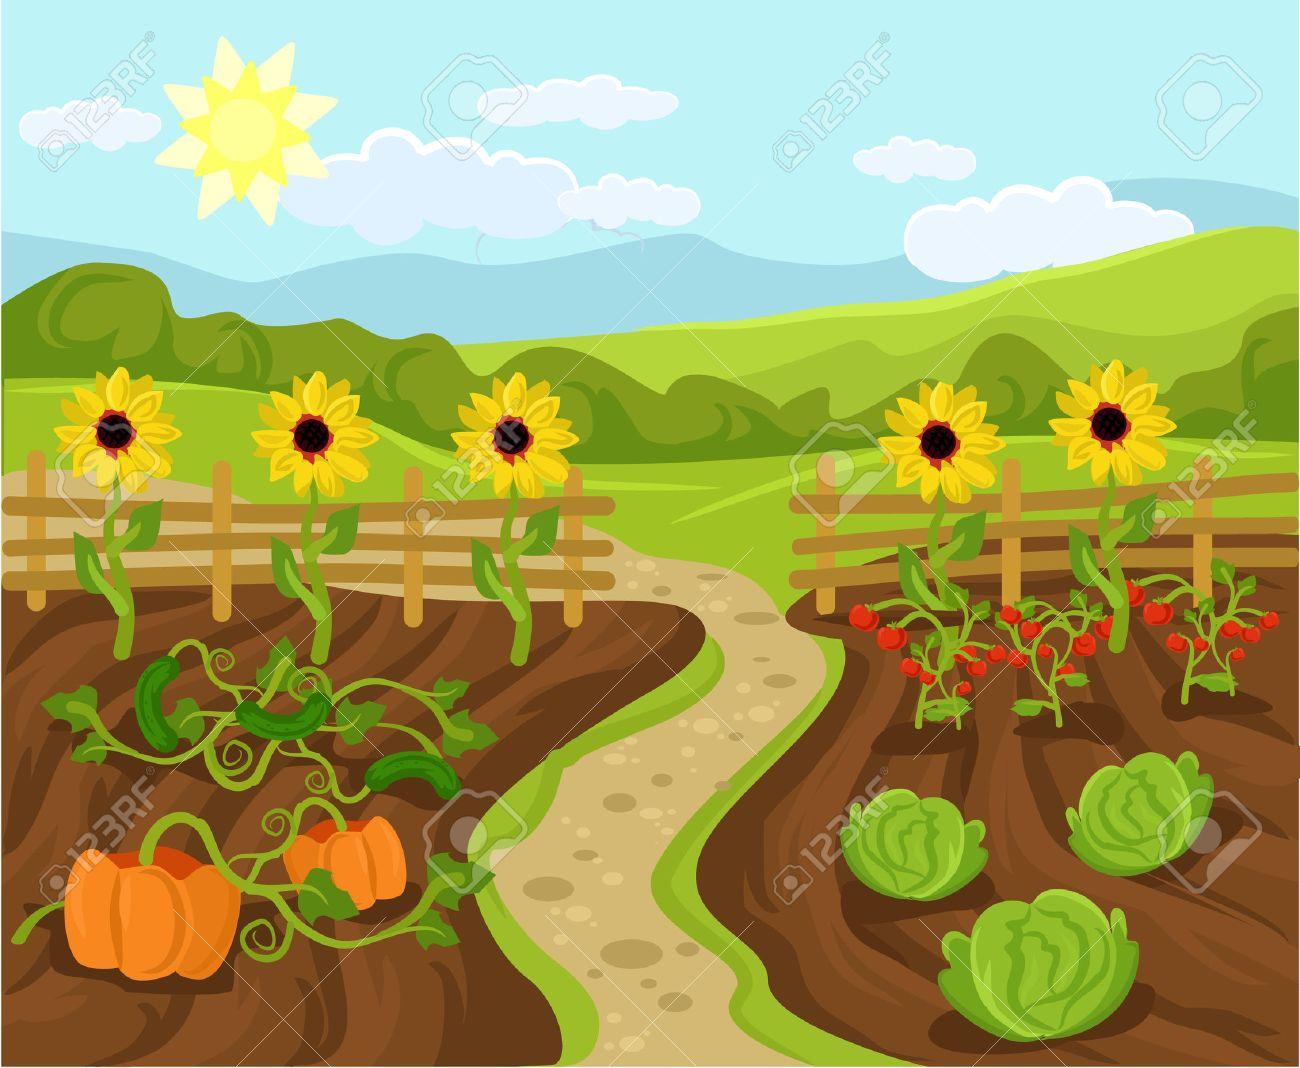 Vector garden flat cartoon illustration